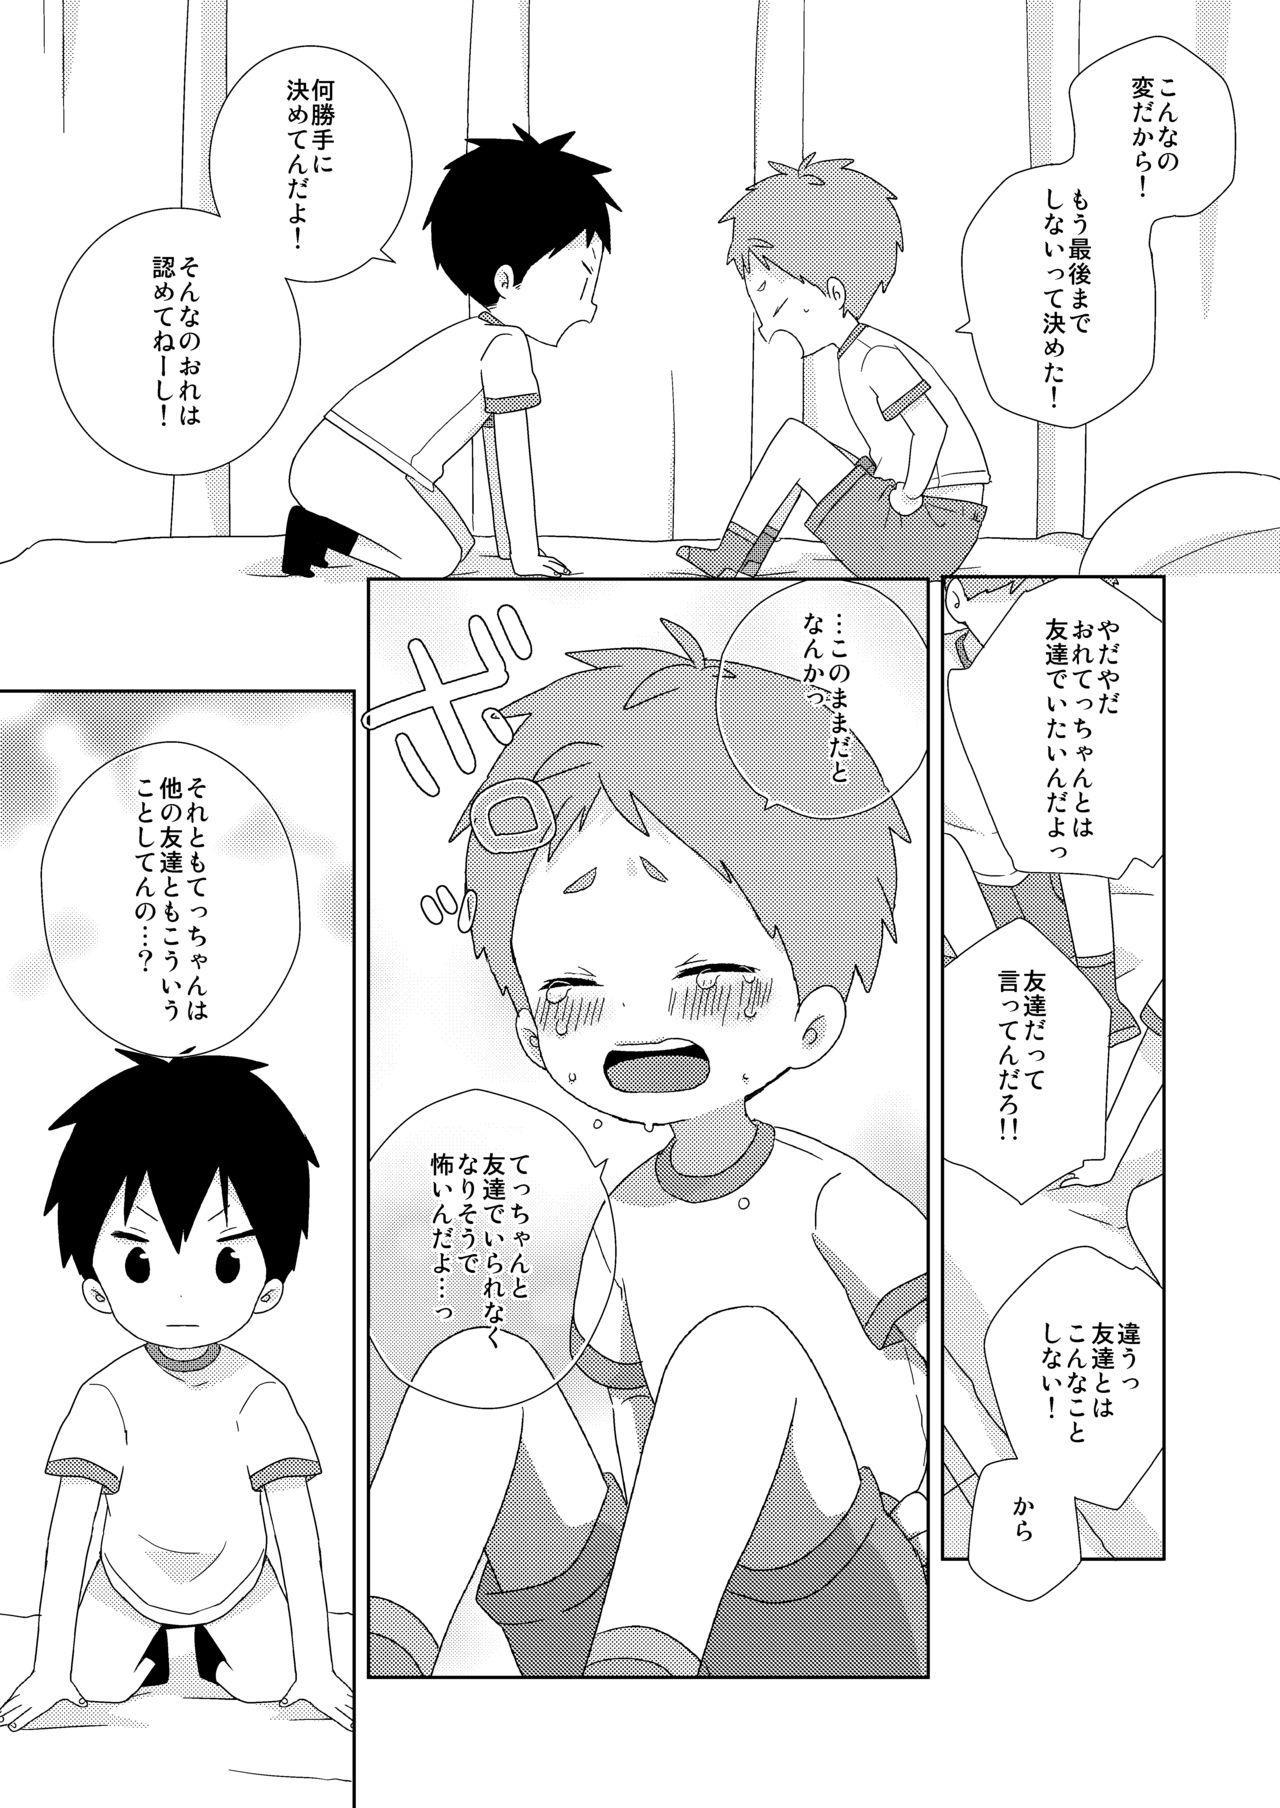 Tomodachi to wa Konna Koto Shinai! 12